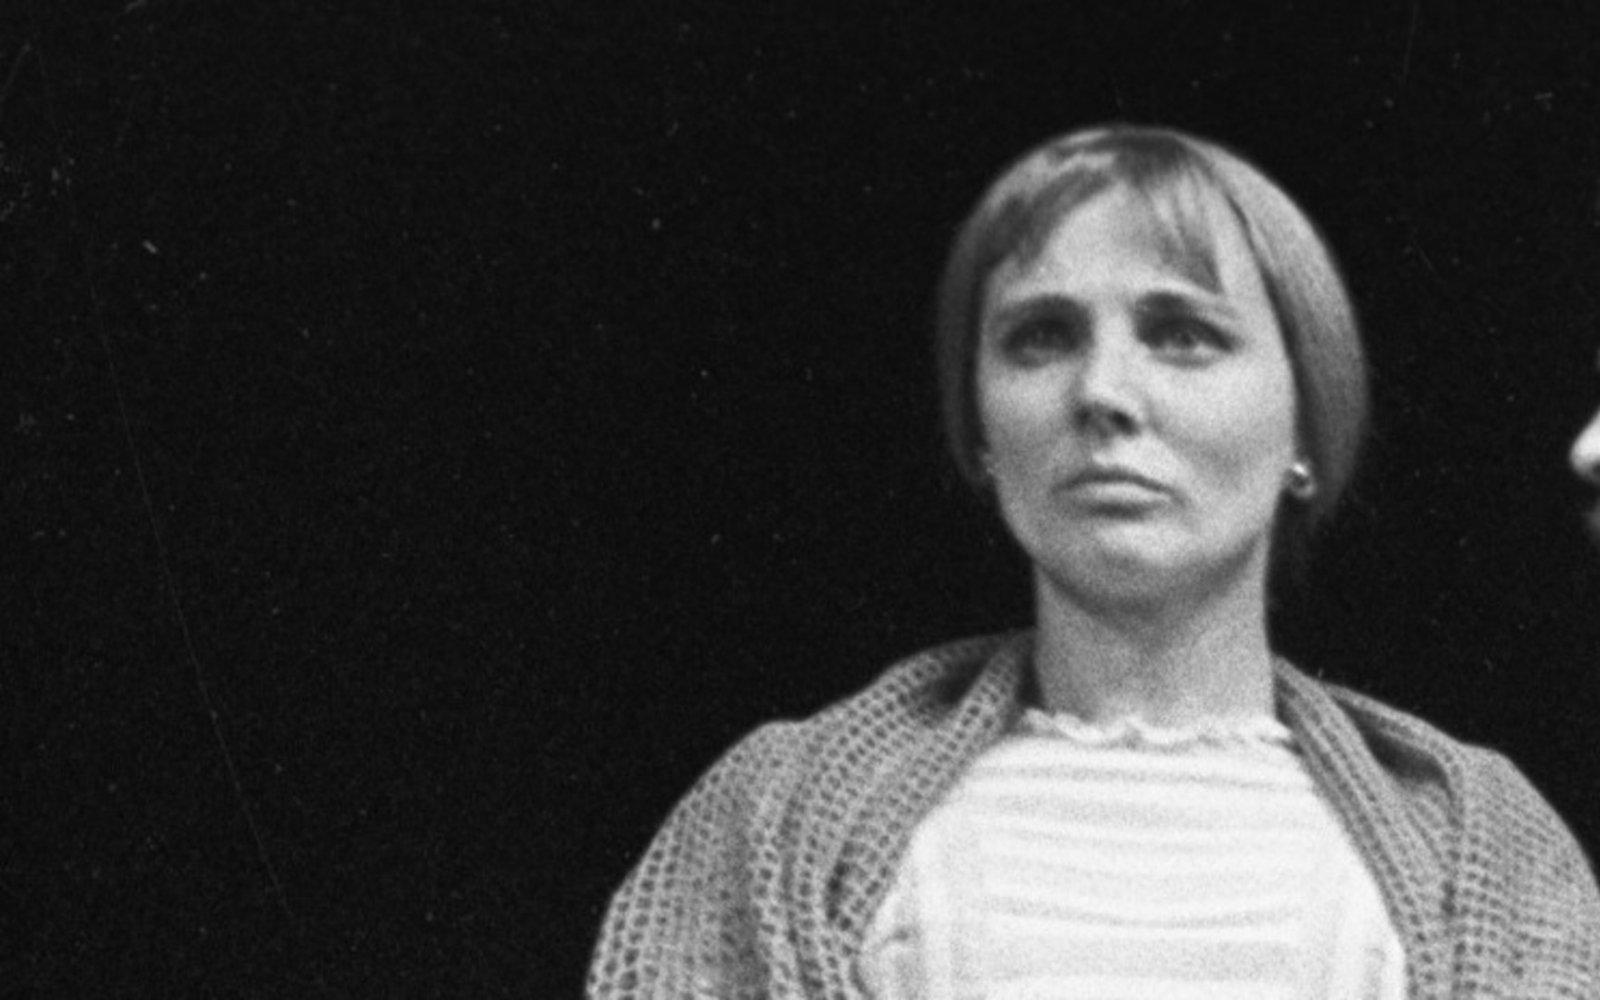 Умерла актриса Алла Покровская, мать актера Михаила Ефремова